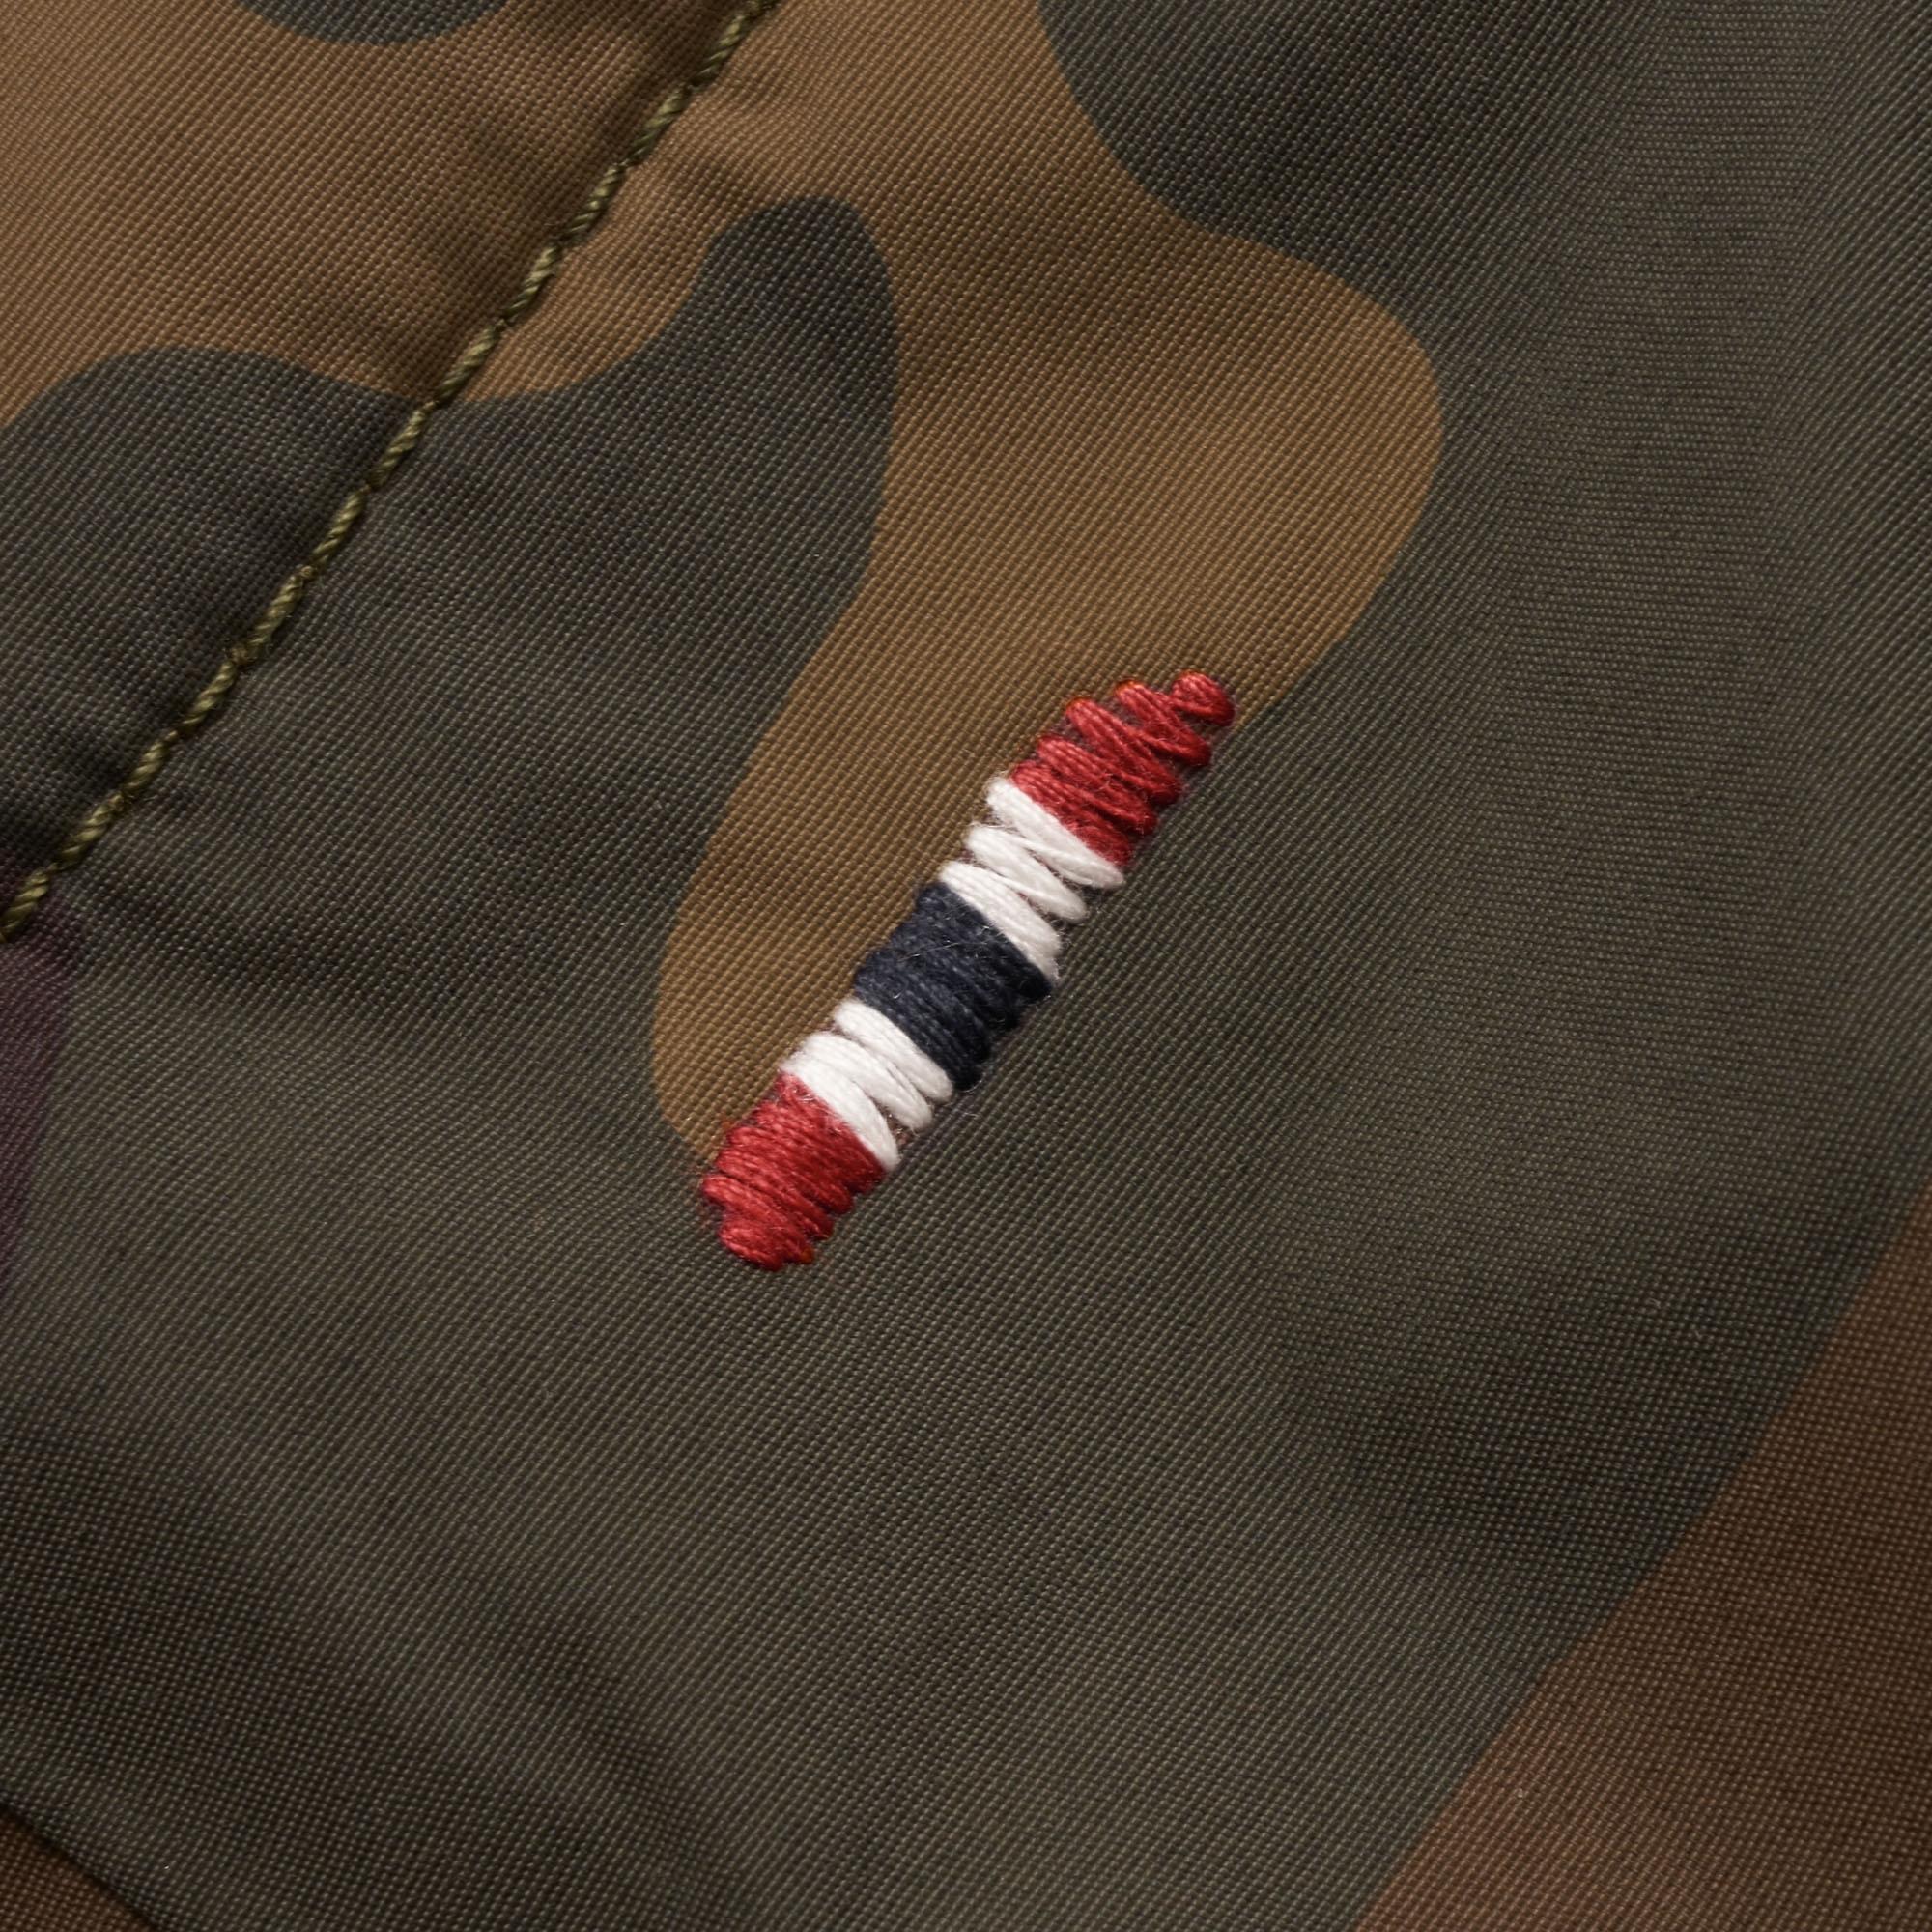 9dac9c2714d Napapijri Fantasy Jacket